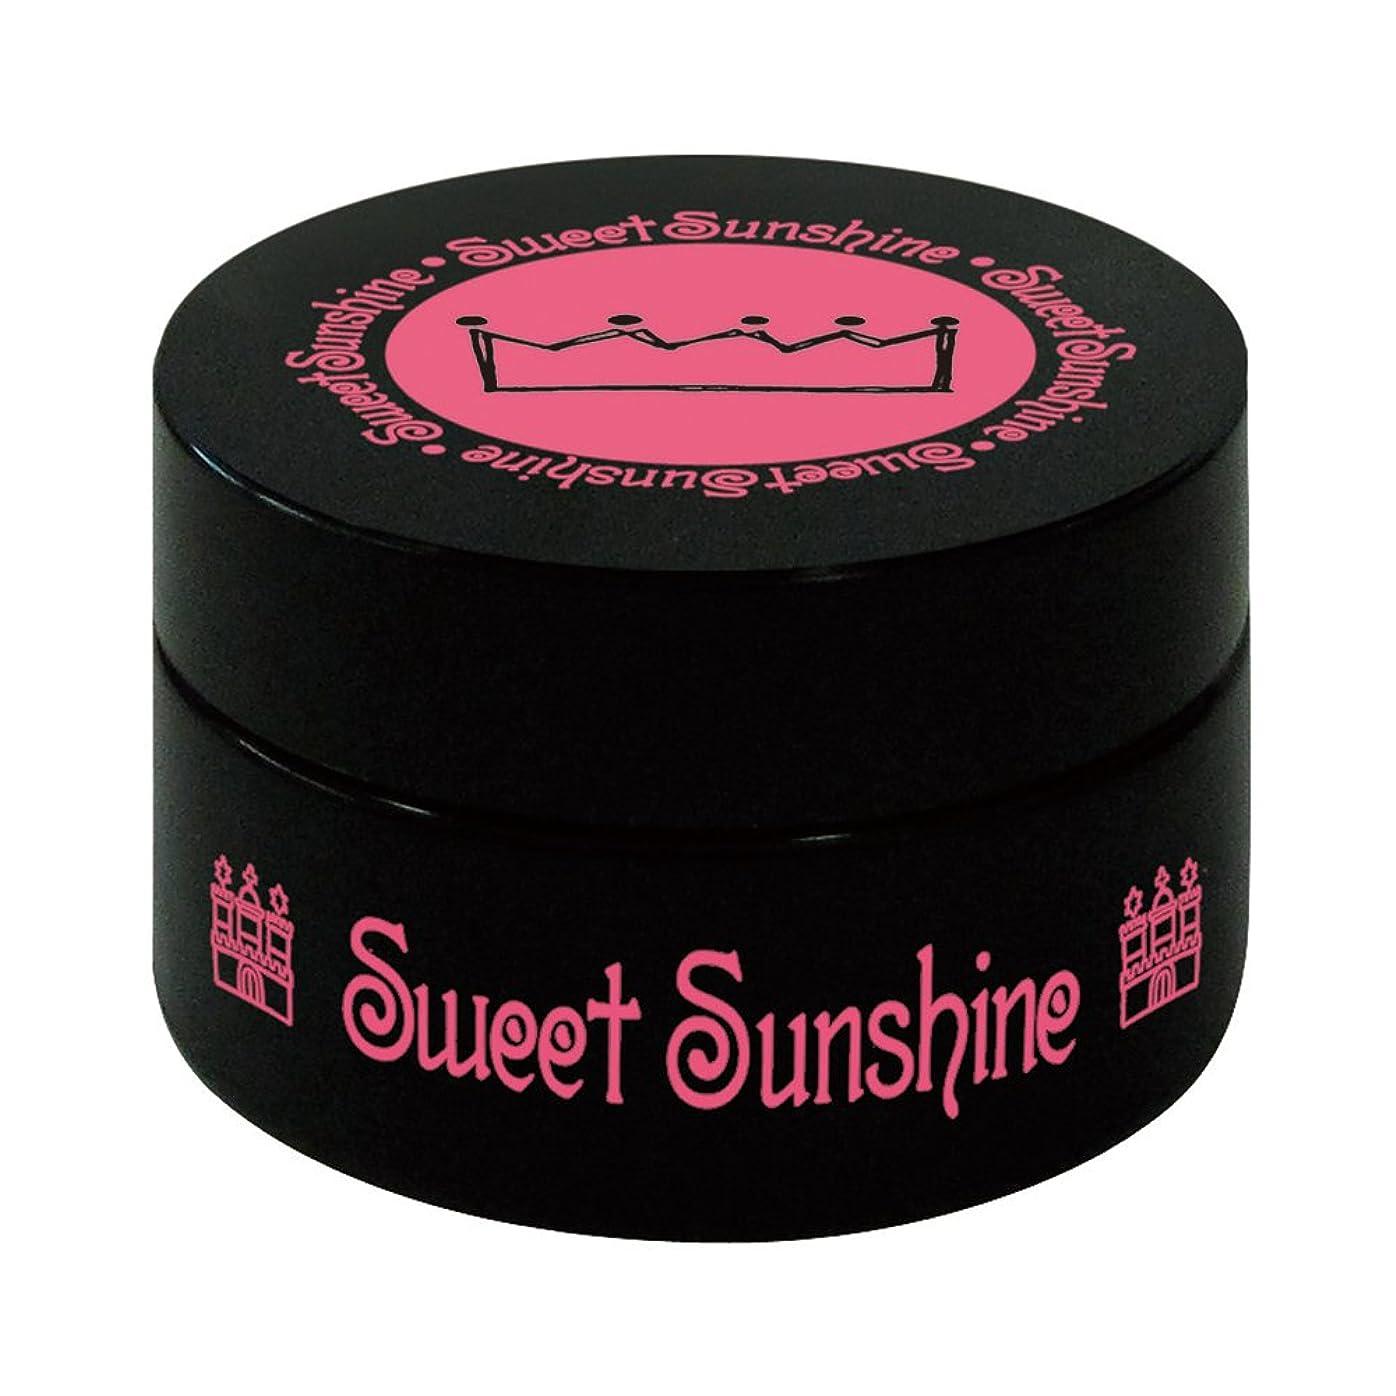 宣教師統計的はっきりしない最速硬化LED対応 Sweet Sunshine スィート サンシャイン カラージェル SC-24 4g ブラック